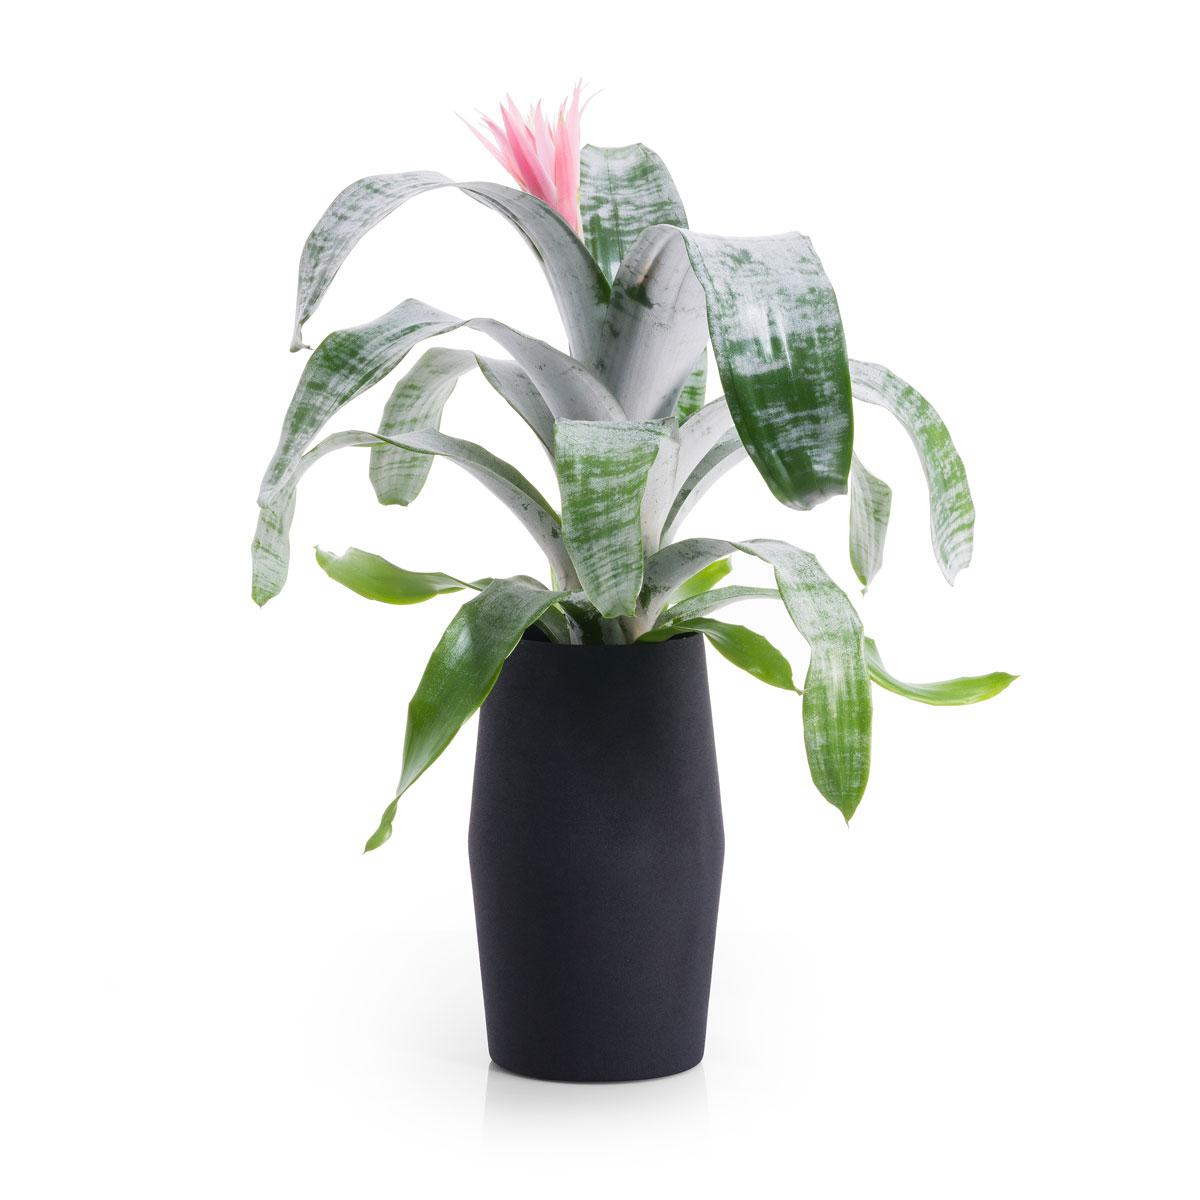 Vase en aluminium avec un bromelia aechmea cadofrance for Fleurs et cadeaux